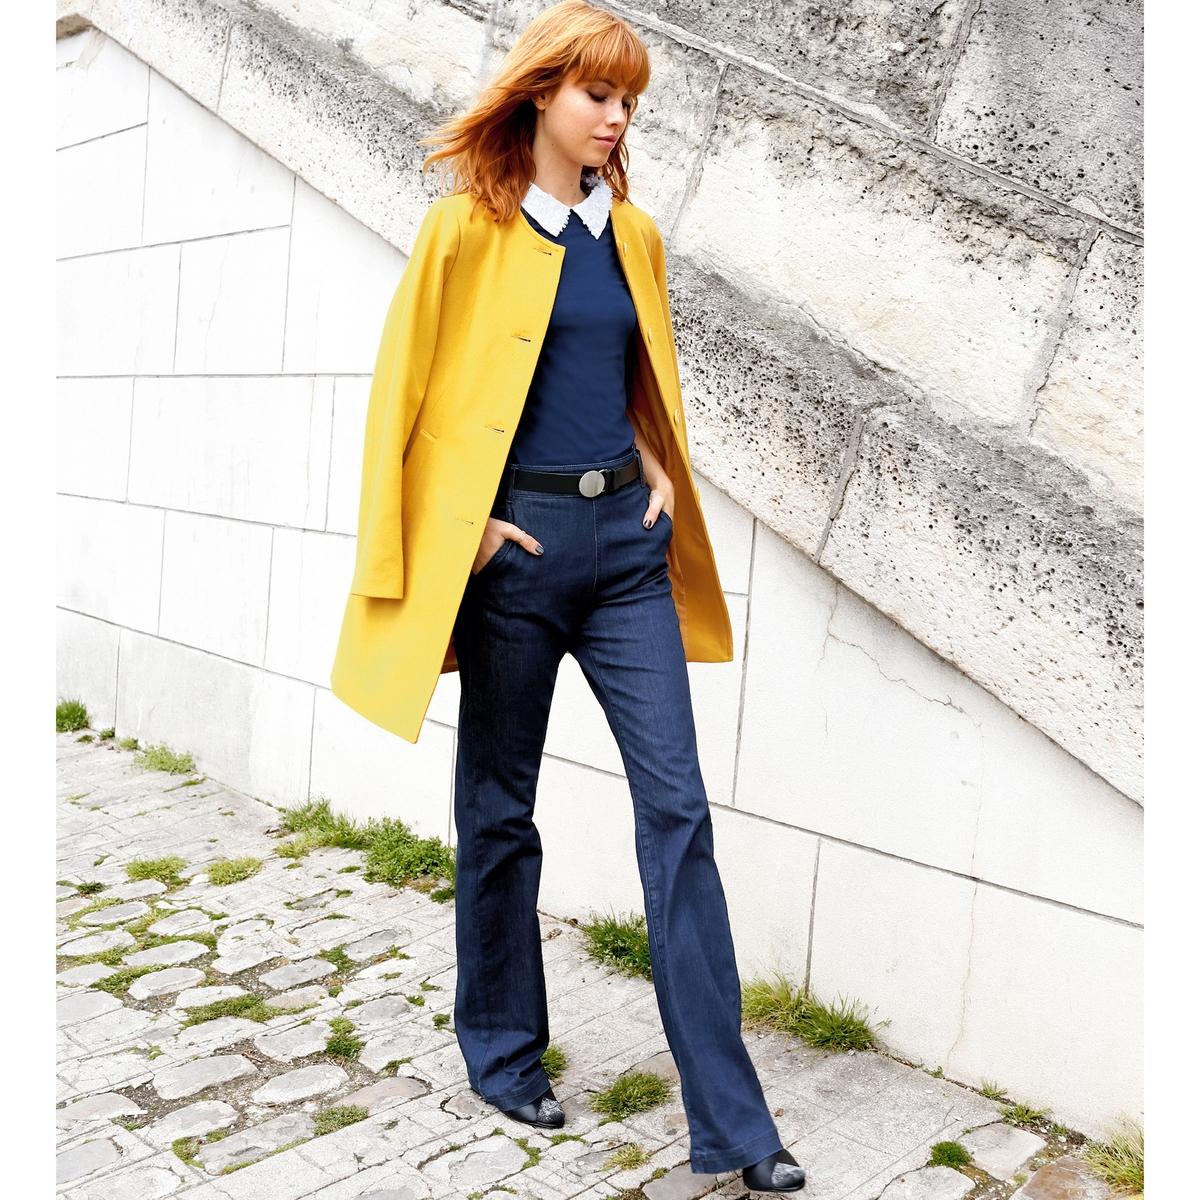 Пальто длинное 50% шерстиПальто длинное без воротника из шерстяного драпа. Длинные рукава. Застежка на пуговицы. 2 прорезных кармана. Вышивка золотистый бант вверху спинки .Состав и описание : Материал 50% шерсти, 40% полиэстера, 5% акрила, 5% других волокон Подкладка    100% полиэстераДлина 85 см Бренд: Mademoiselle R Уход :Сухая чистка..Машинная сушка запрещена.Гладить при умеренной температуре..<br><br>Цвет: желтый,черный<br>Размер: 38 (FR) - 44 (RUS).44 (FR) - 50 (RUS).40 (FR) - 46 (RUS)